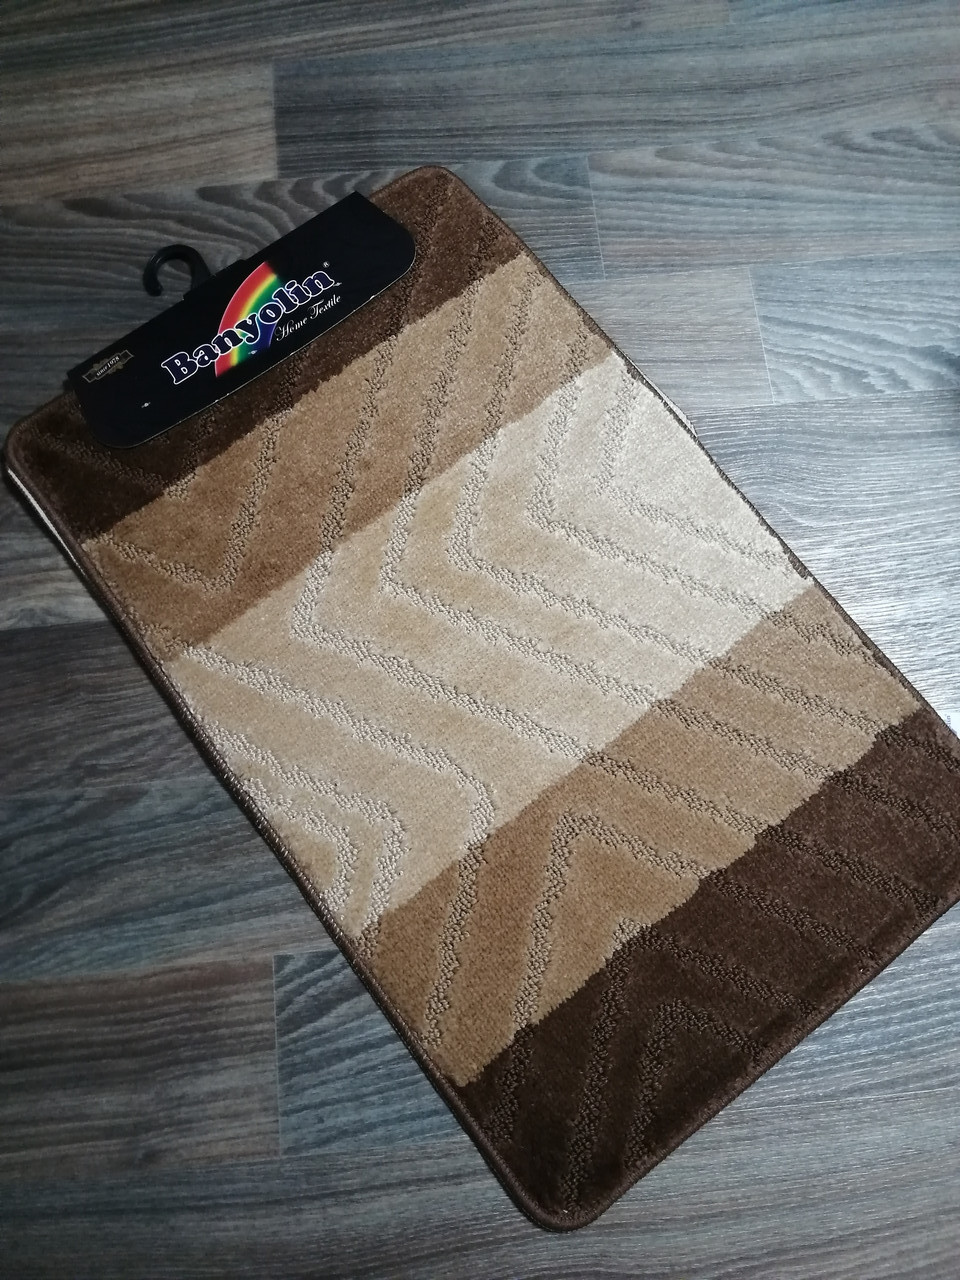 Набор ковриков в ванную и туалет 80*50 см Banyolin Коричневый